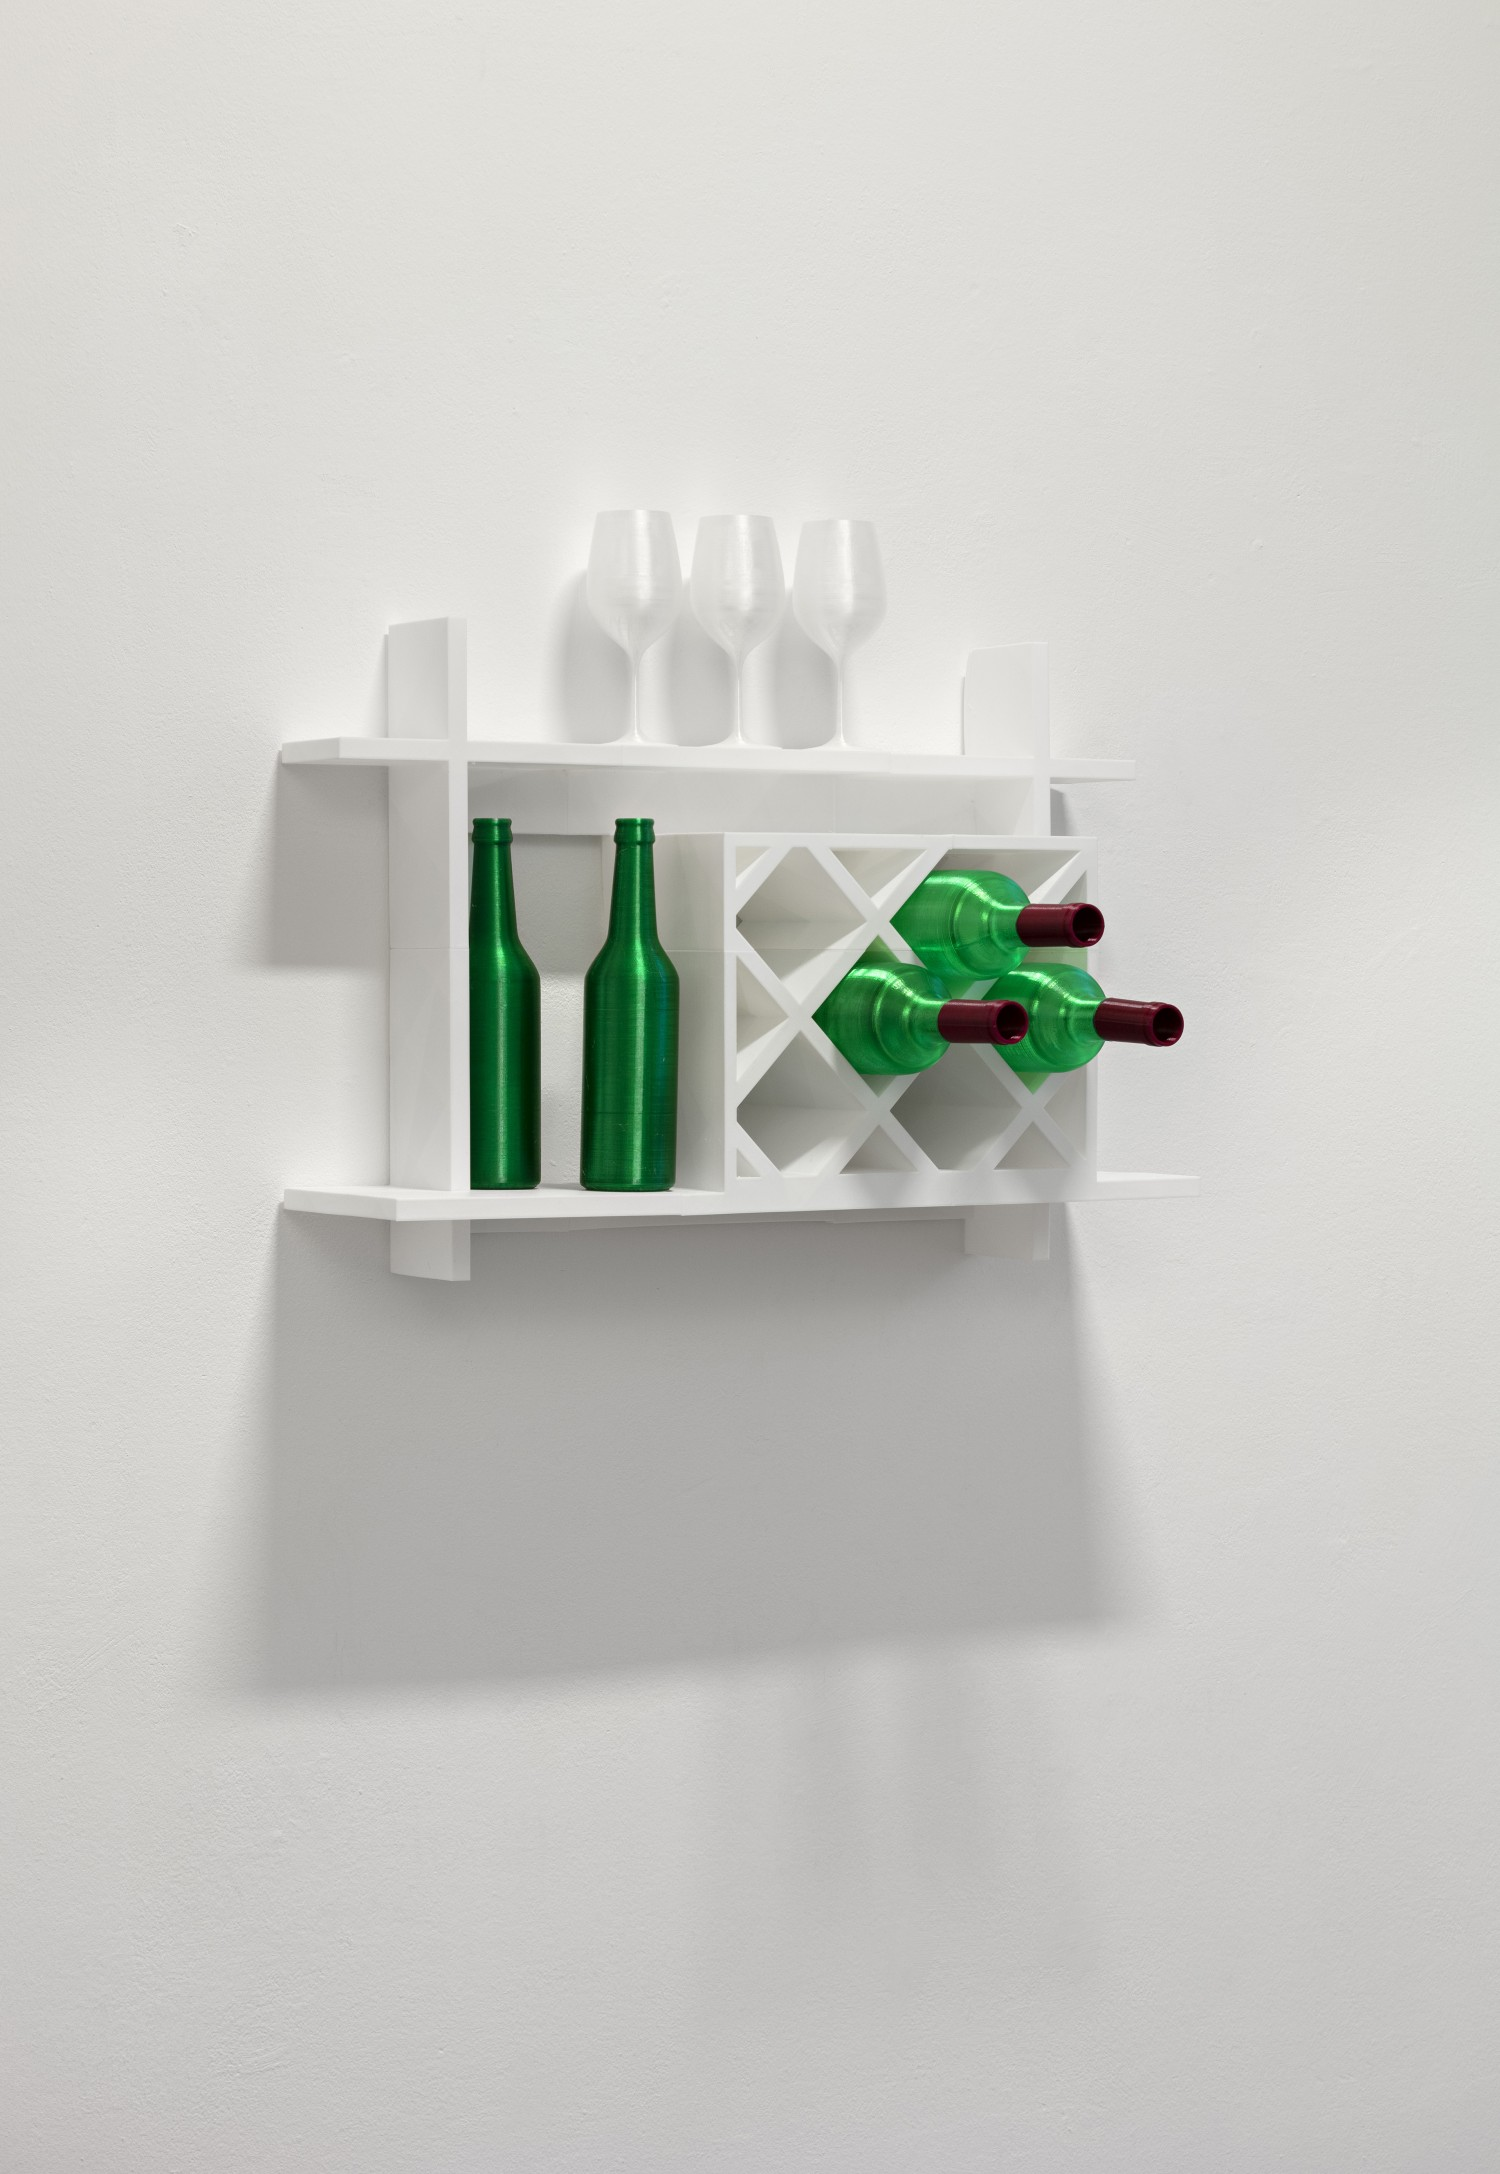 Ein 3D-gedrucktes weißes Wandregal, in dem 3D-gedruckte grüne Flaschen und weiße Gläser stehen.